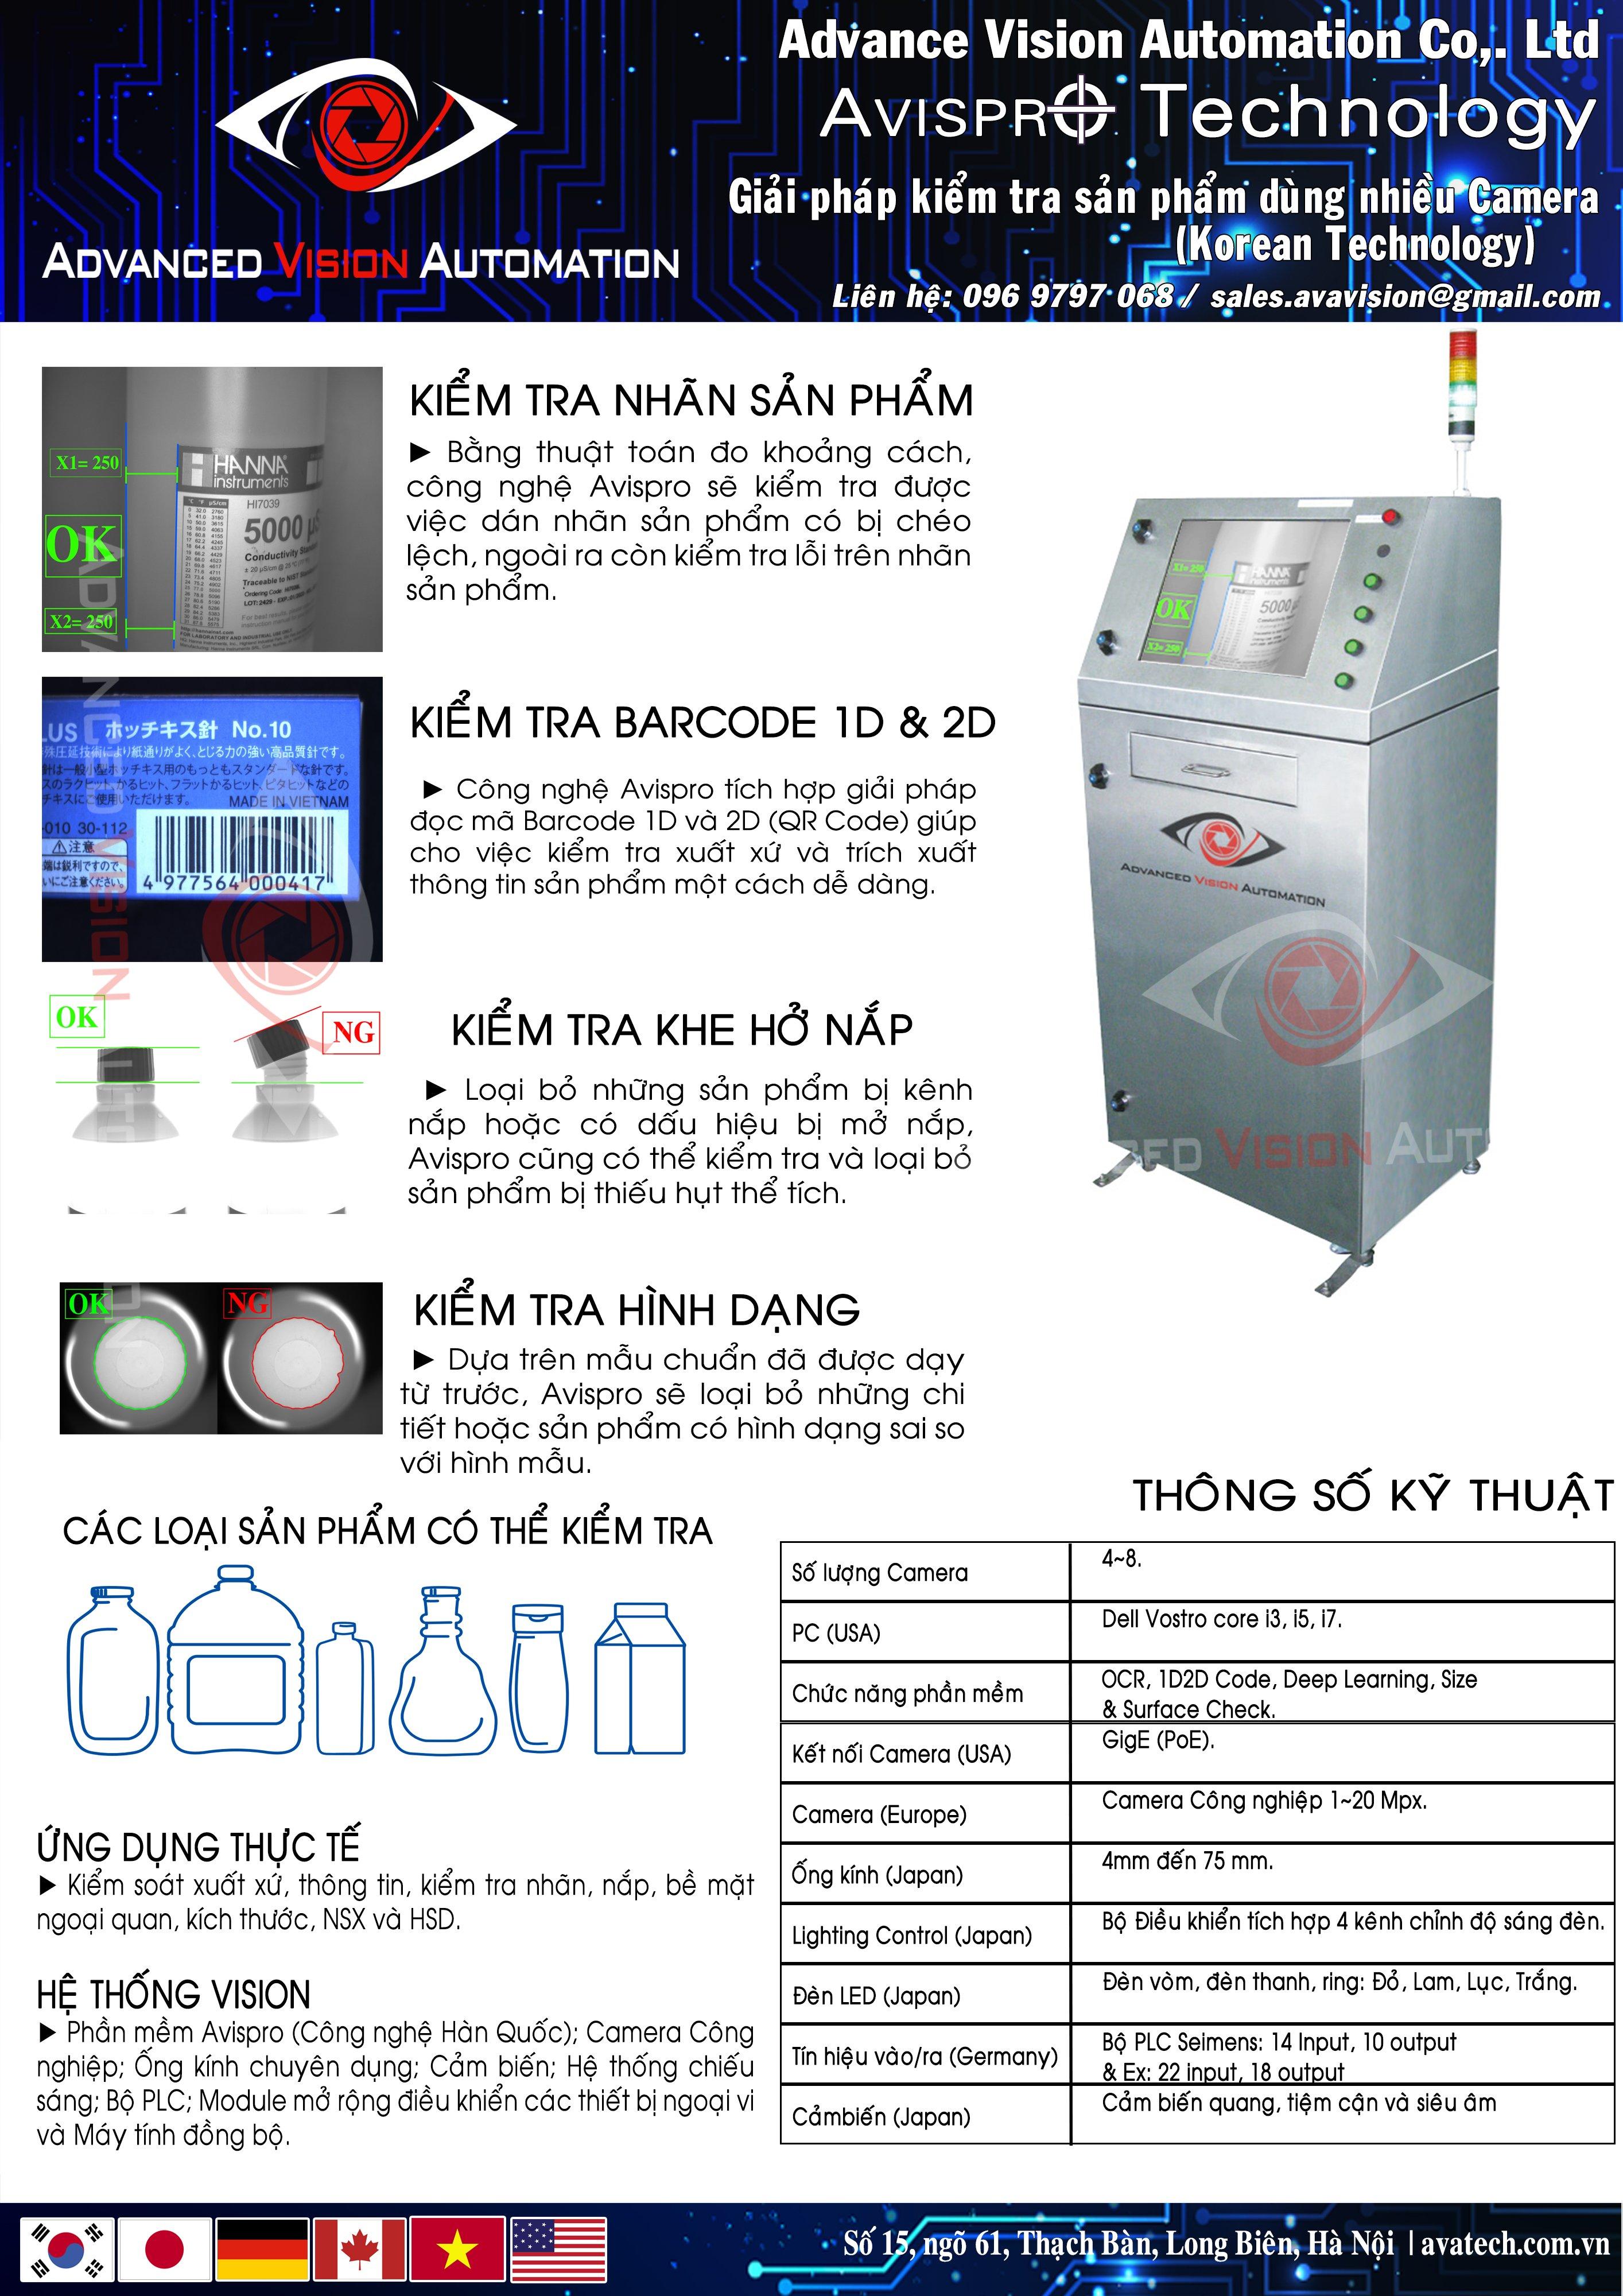 Hệ thống kiểm tra sản phẩm trong đóng gói VD2000